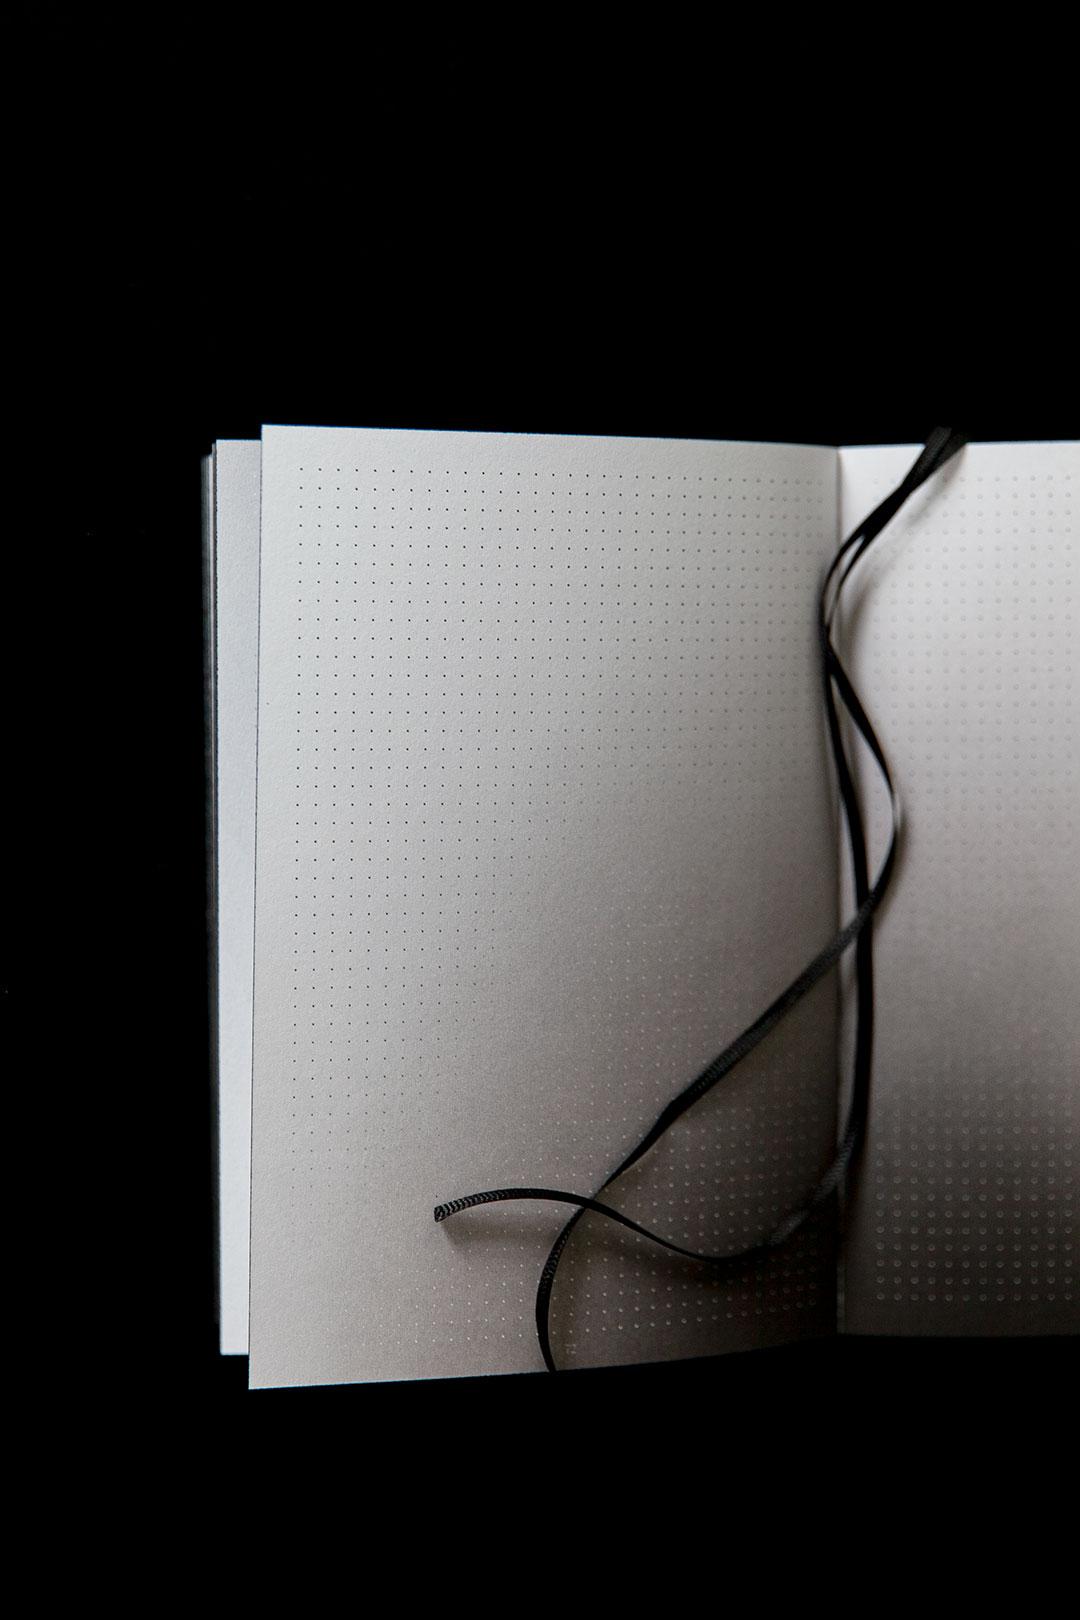 Aura notebook A5 Monochrome slim | bullet journal 2